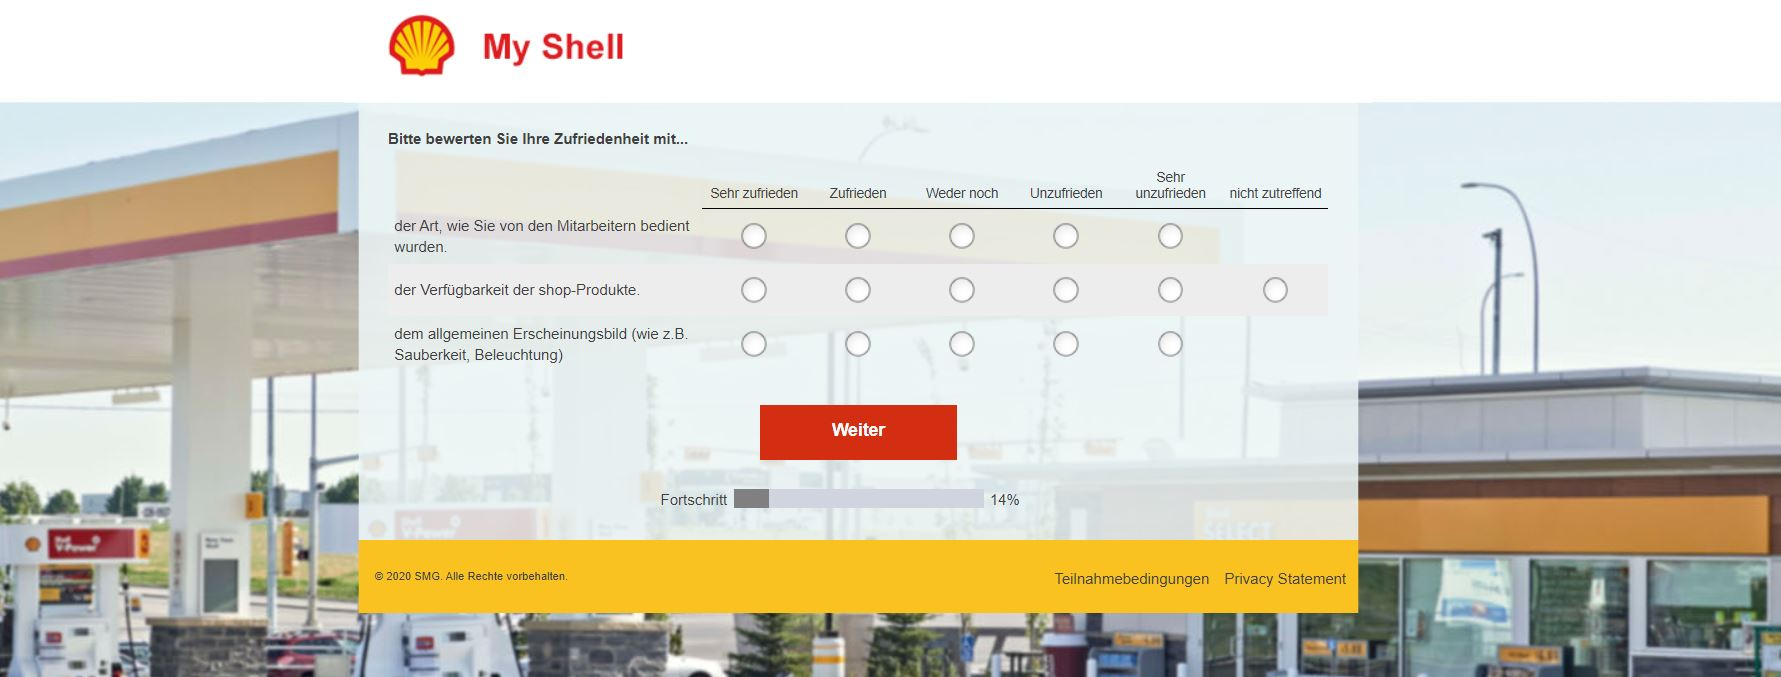 Fragebogen Beispiel Kundenzufriedenheit